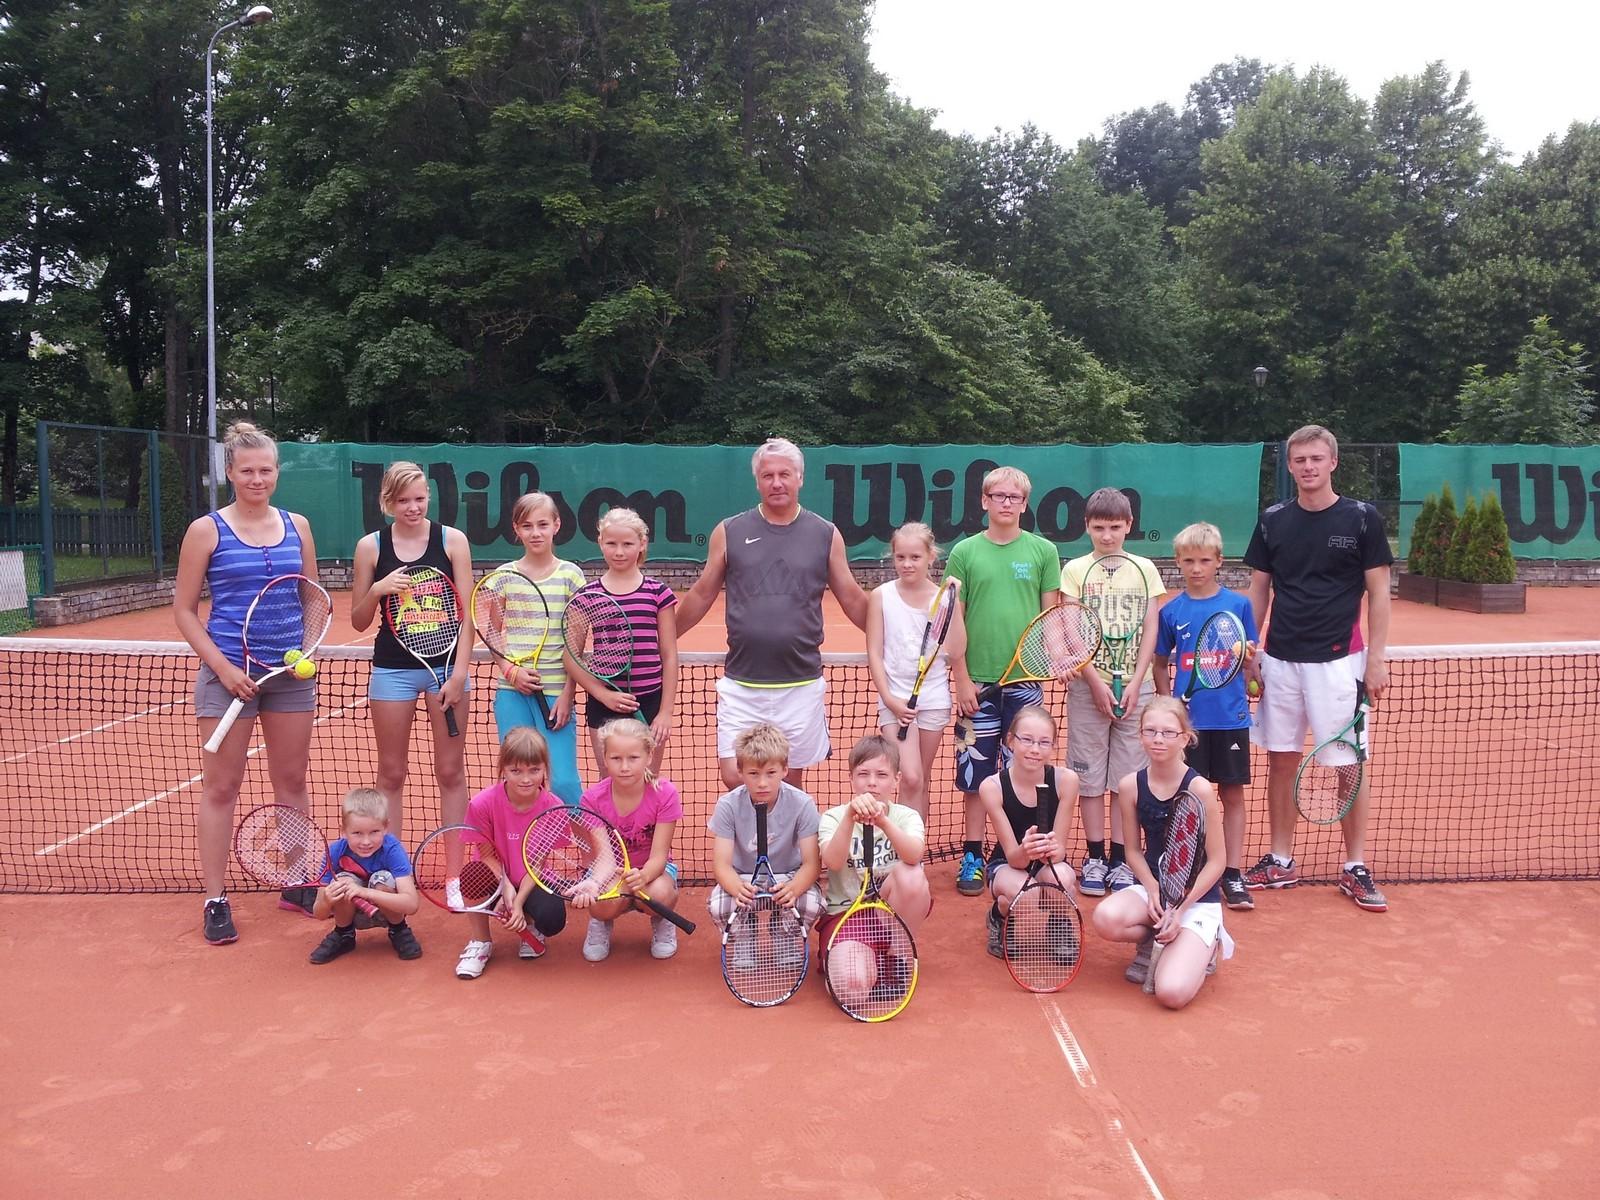 Toimus tasuta laste tenniselaager!